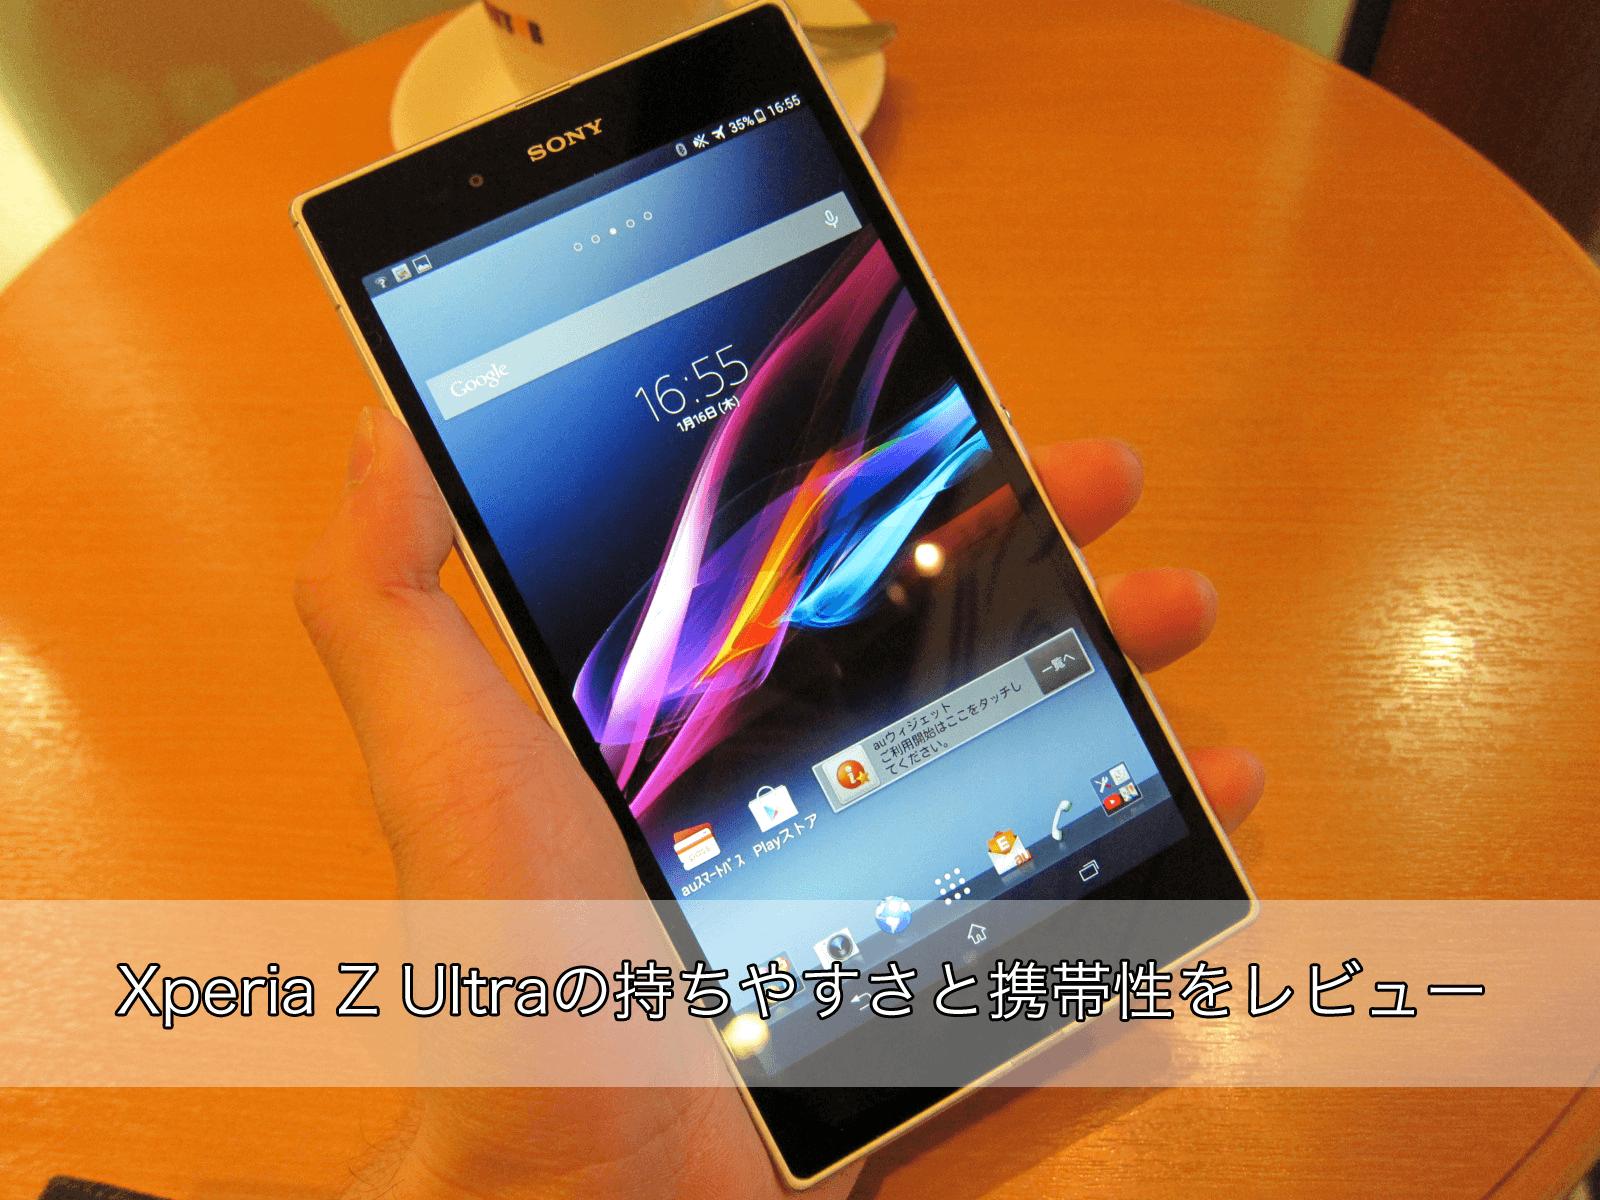 6.44インチのディスプレイを搭載する「Xperia Z Ultra」の持ちやすさと携帯性はどうか